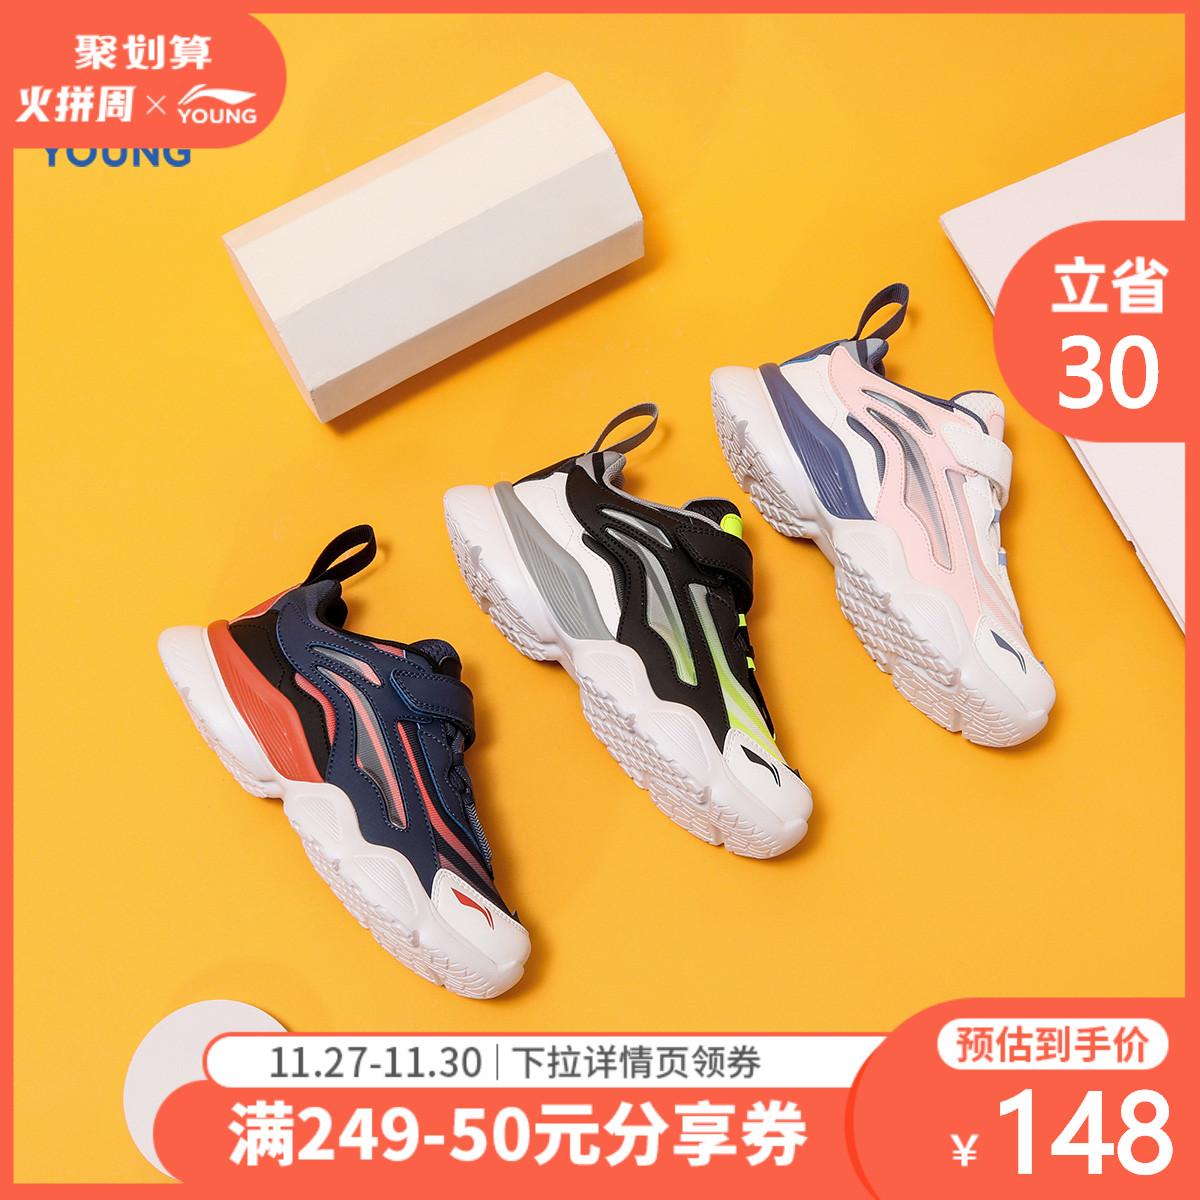 李宁童鞋儿童运动鞋官方旗舰男女大童2020新款秋冬季魔术贴运动鞋